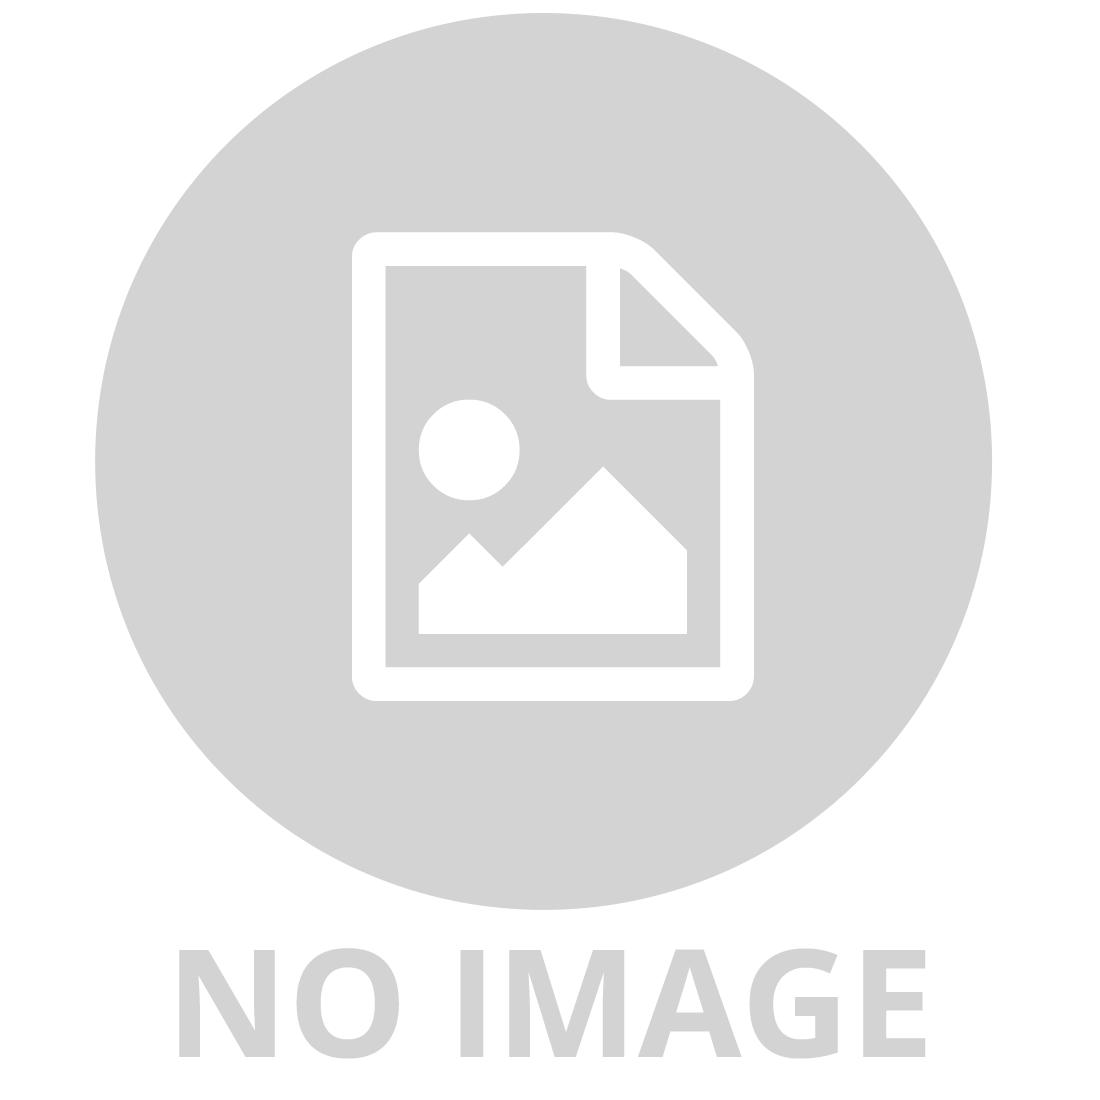 KNEX- REVVIN RACECAR 2 IN 1 BUILDING SET